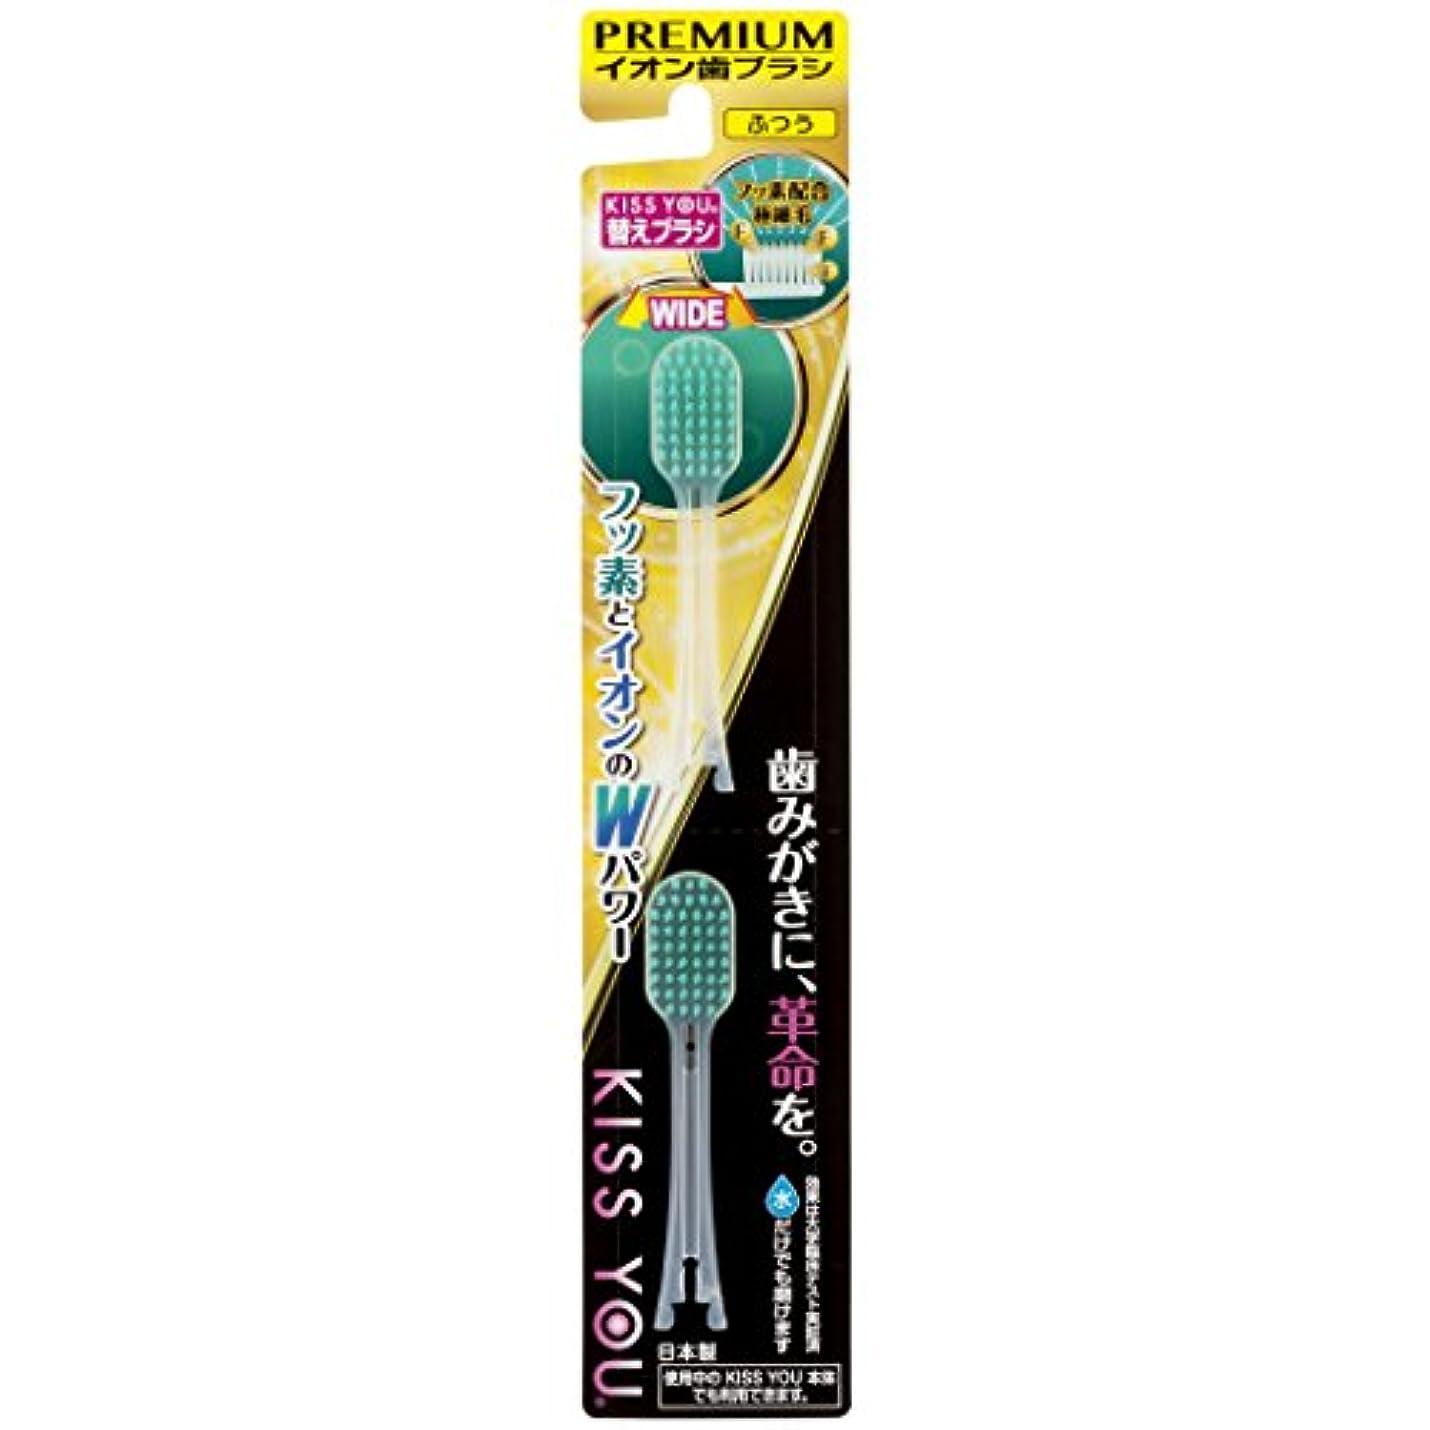 聖歌ペックグリルKISS YOU 歯ブラシ フッ素ワイドヘッド+C63:F134 替え ふつう (2本入り)